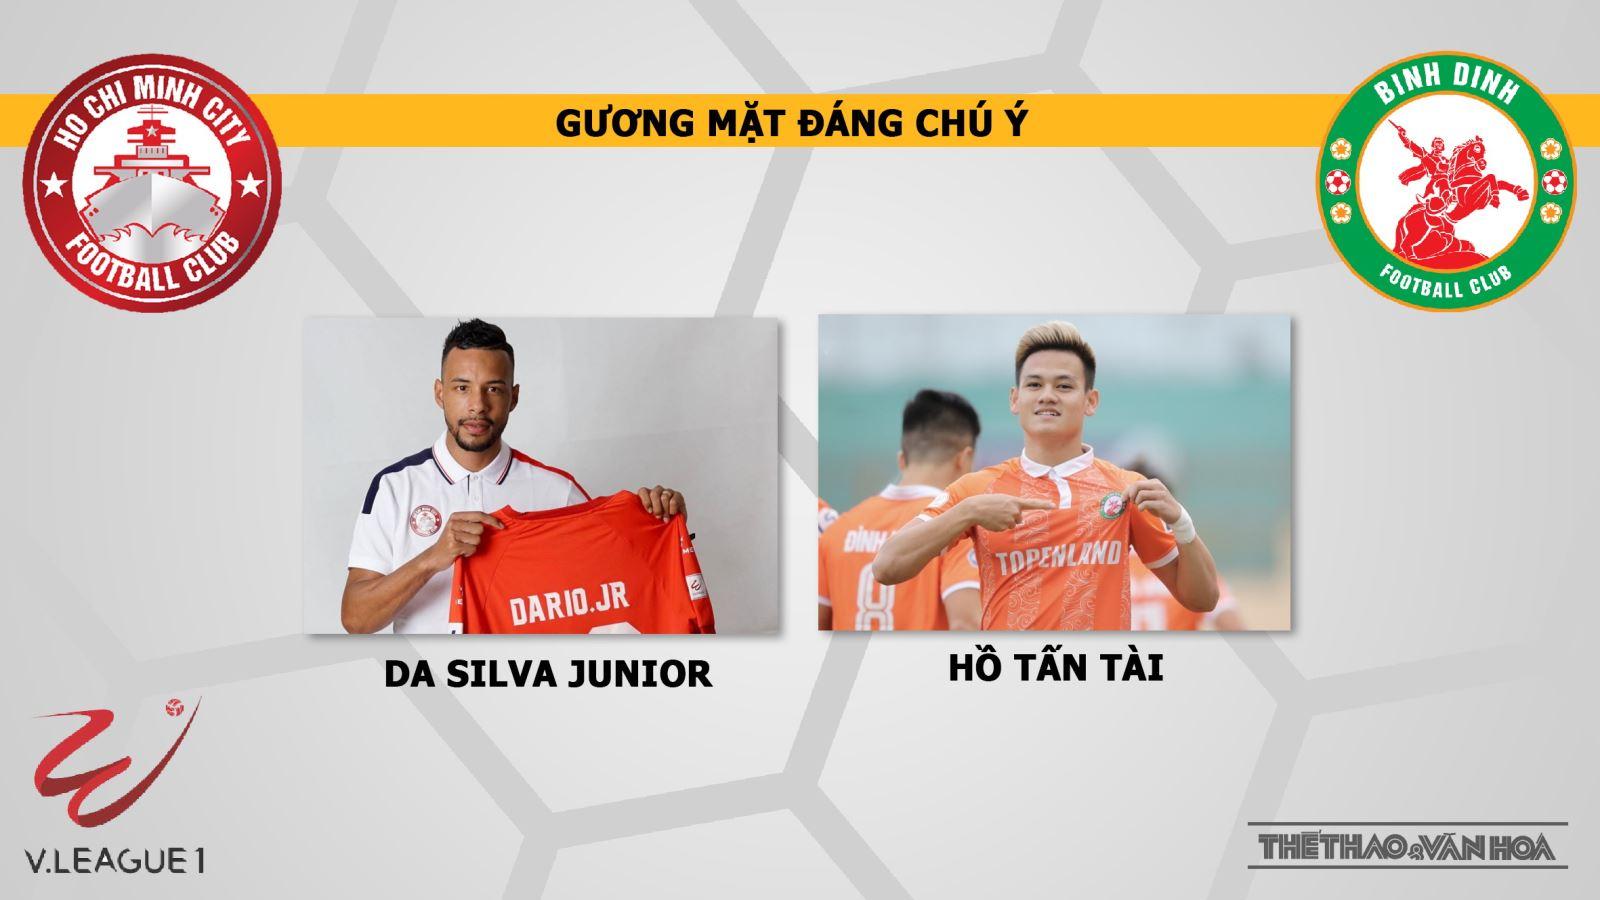 TP.HCM vs Bình Định, V-League, trực tiếp bóng đá, trực tiếp TP.HCM vs Bình Định, lịch thi đấu, V-League